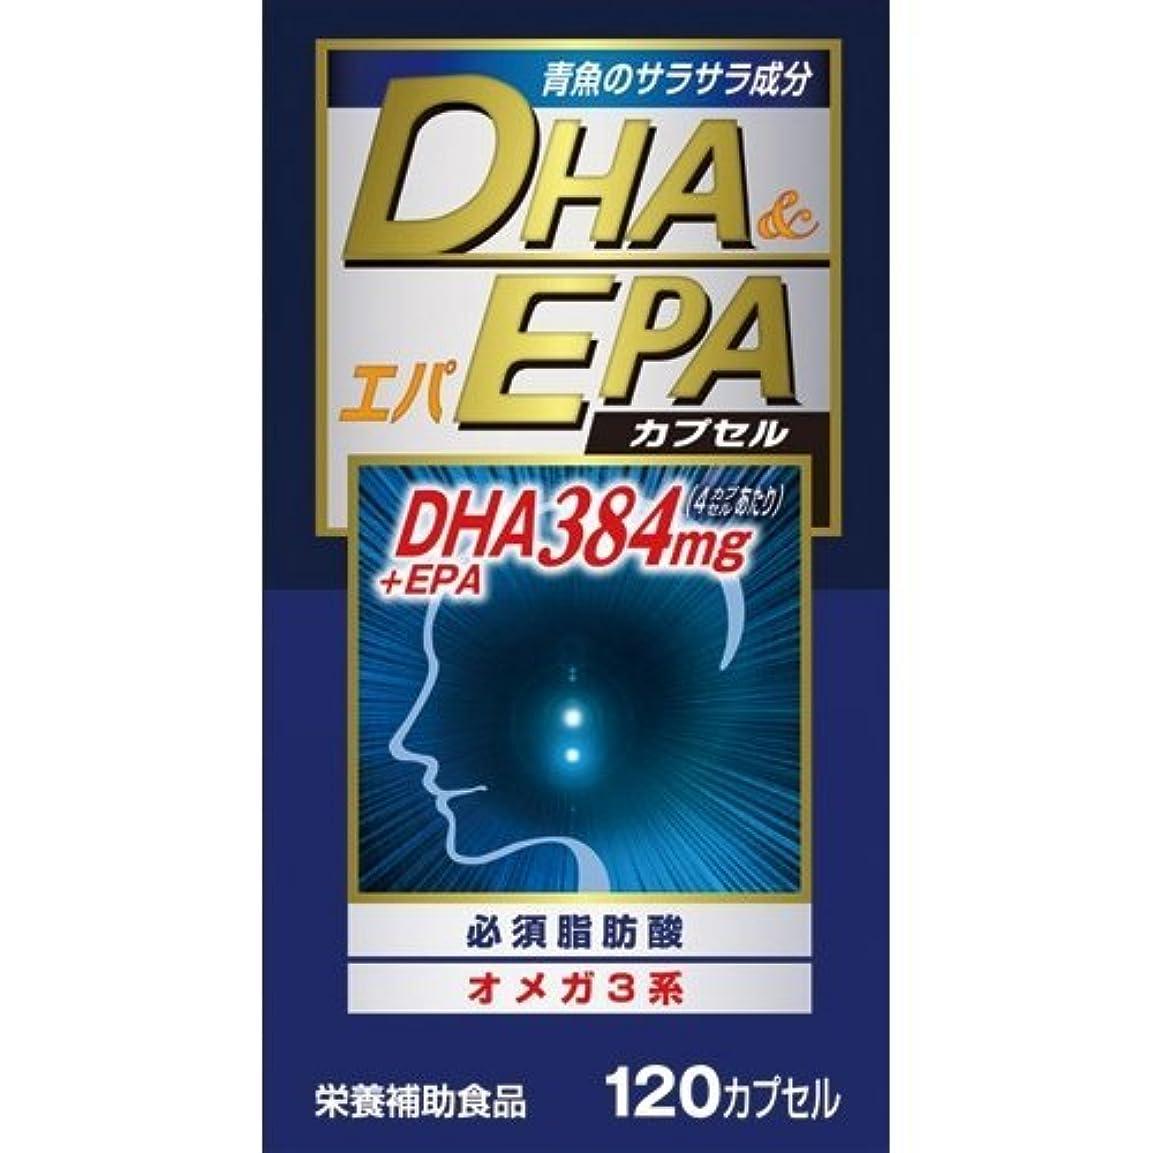 無駄な逮捕マーティンルーサーキングジュニア【ウエルネスジャパン】DHAエパ 120カプセル ×5個セット